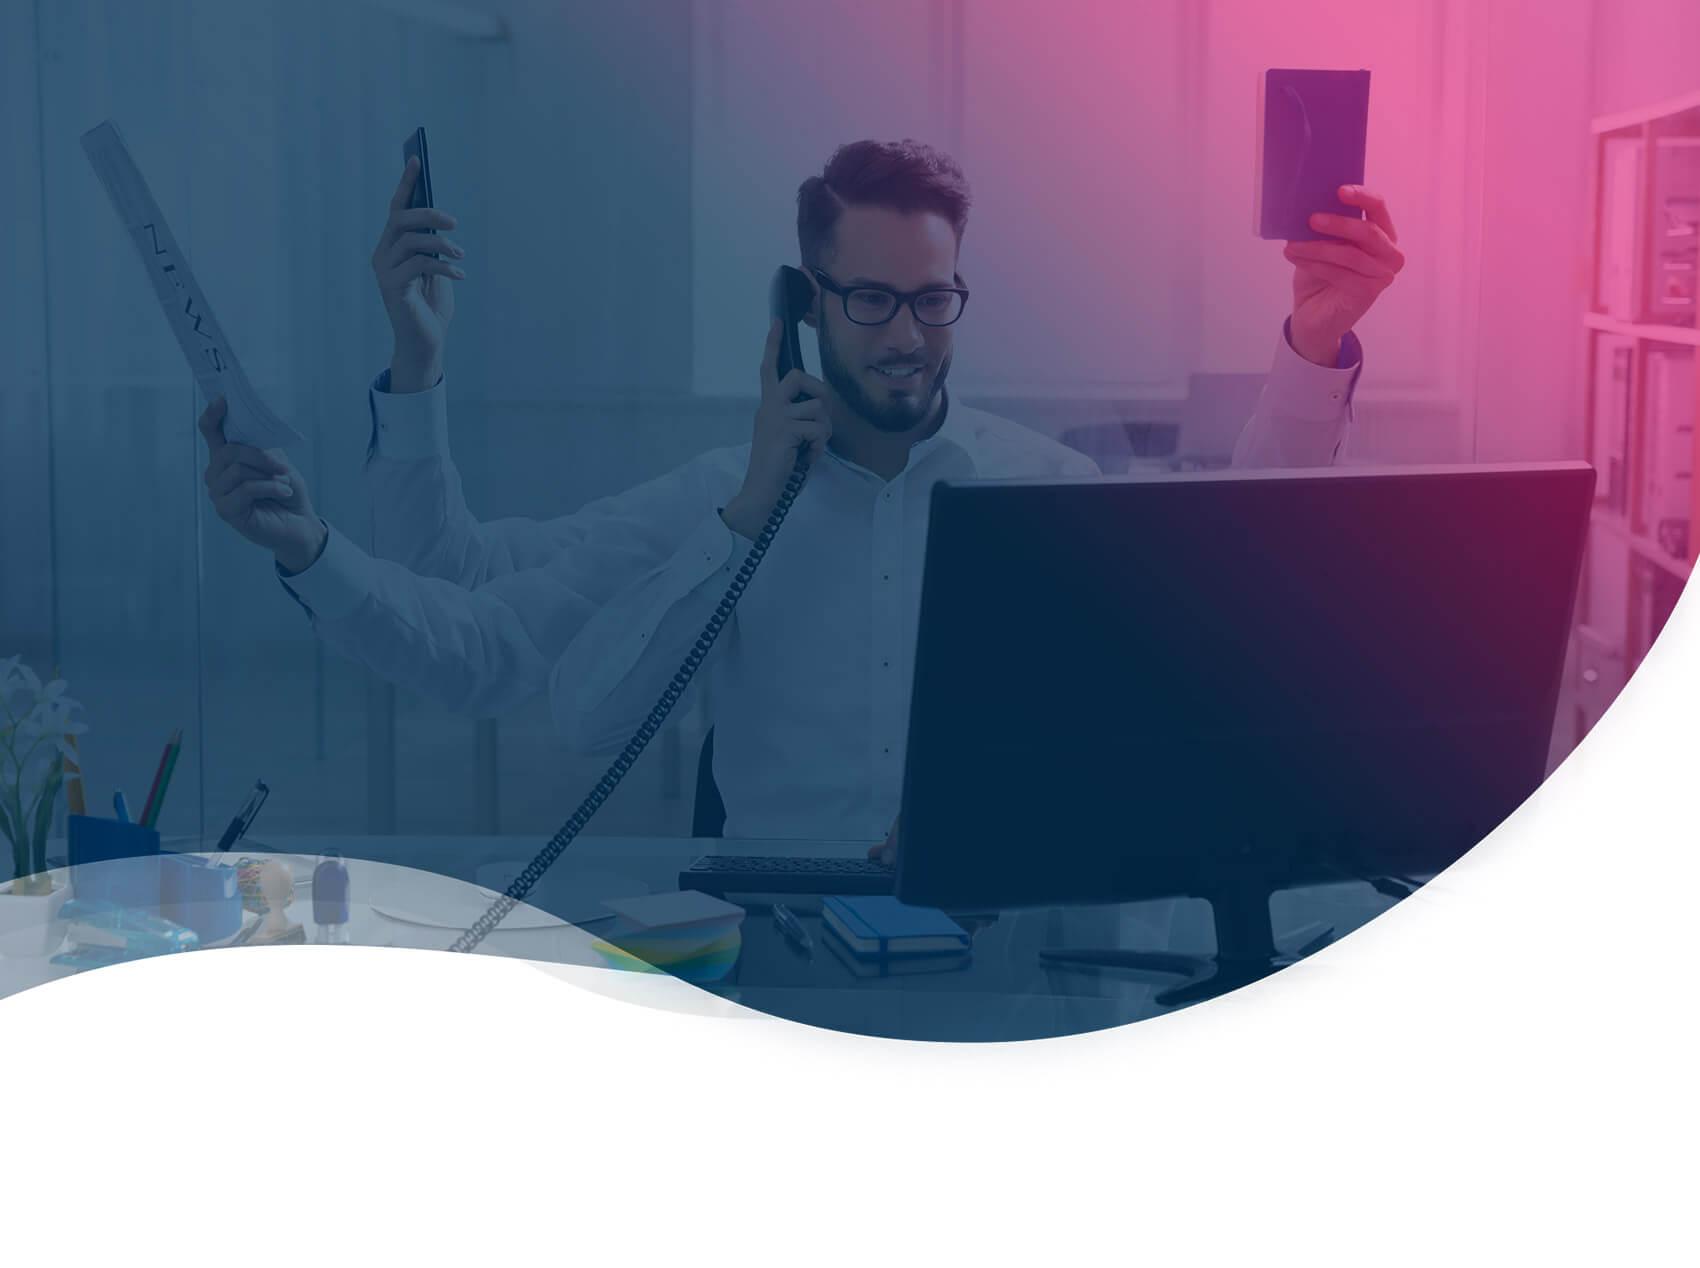 Dirigeants de PME: comment augmenter l'efficacité de vos commerciaux grâce au marketing digital?